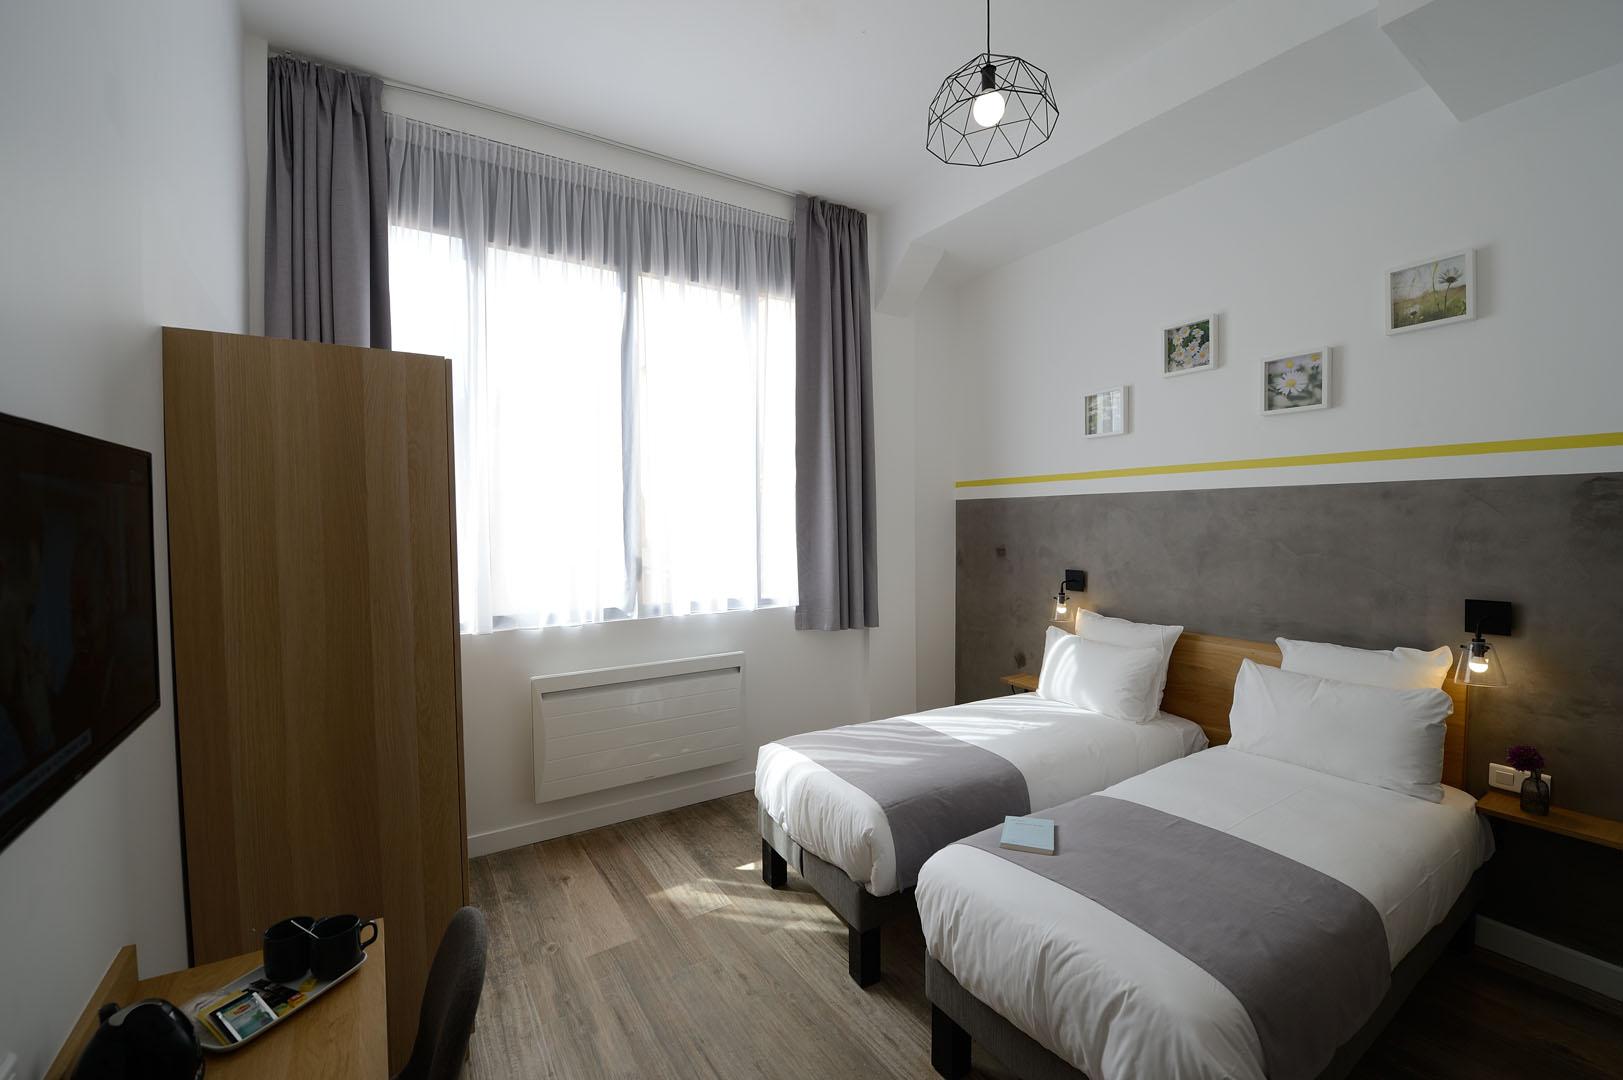 Chambre moderne, dans notre boutique hôtel à Paris, l'hôtel Terre Neuve.